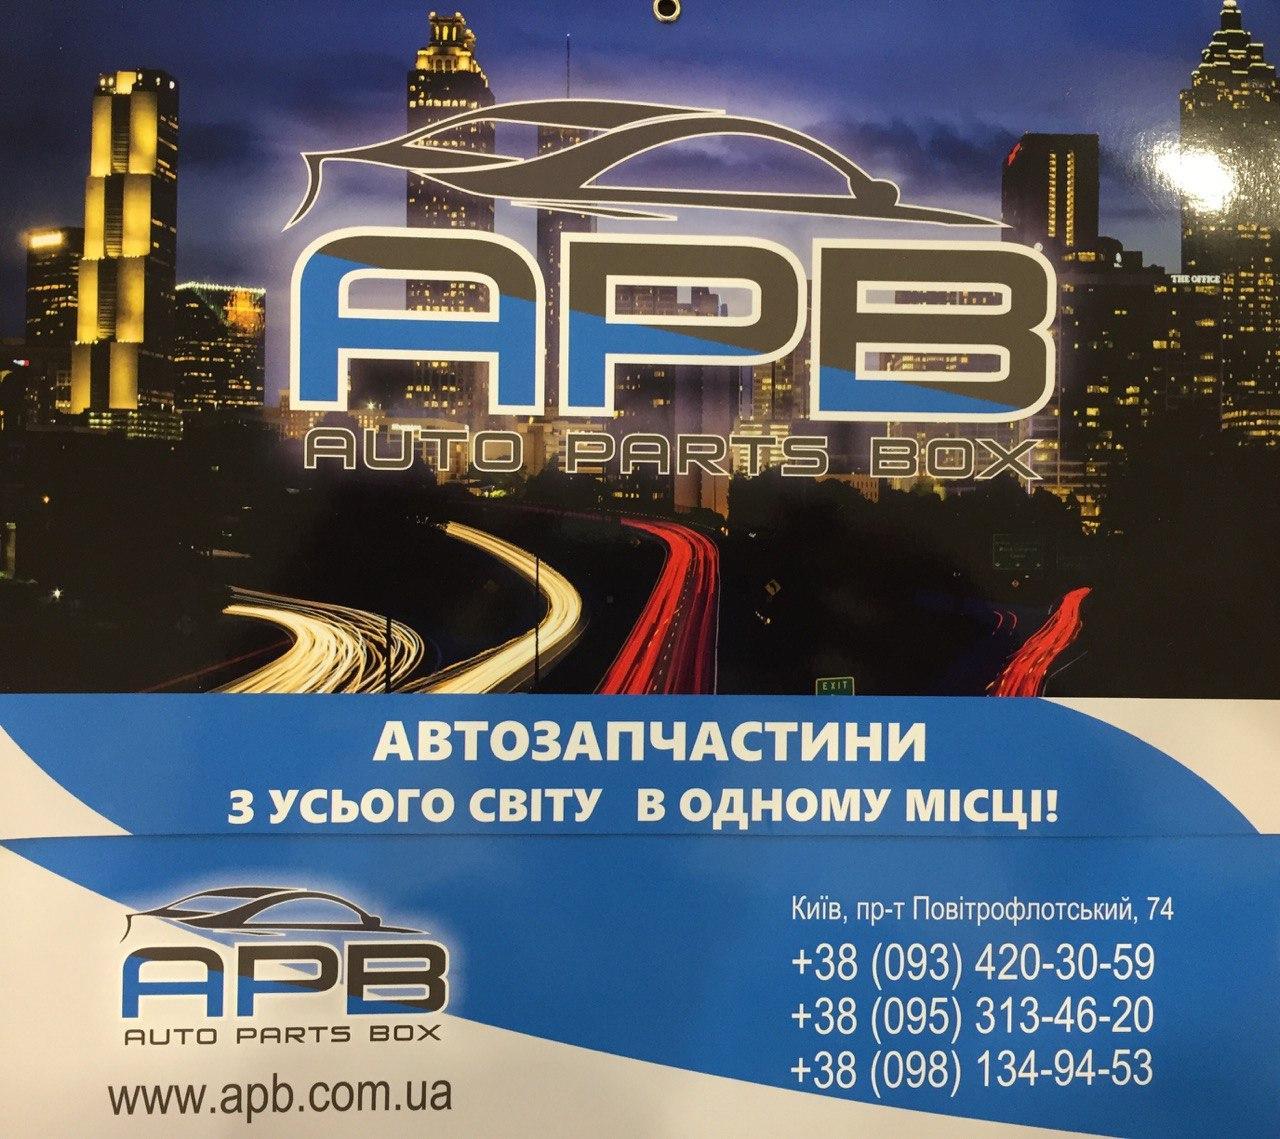 Інтернет-магазин автозапчастин APB https://apb.com.ua/